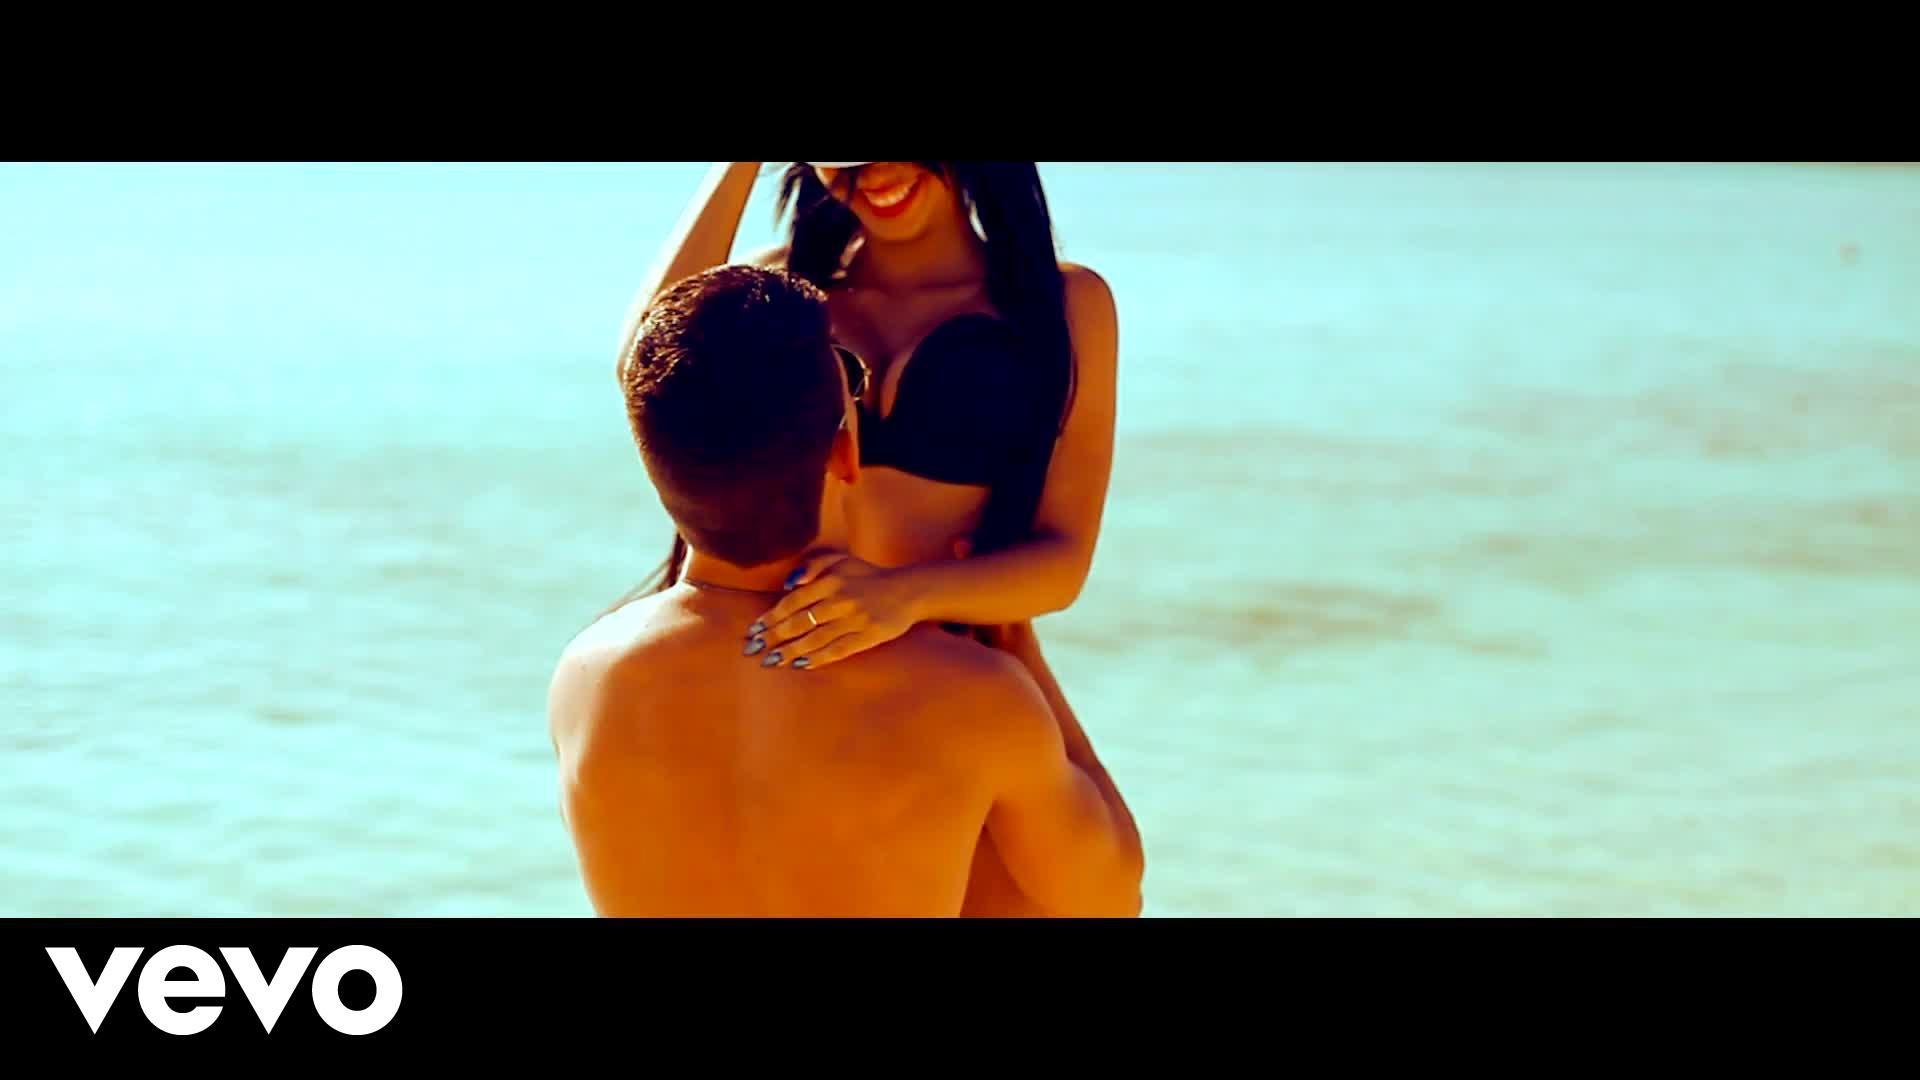 dpam6q9nv8s - La Recta del Flow - Amarte Así (Video Oficial)